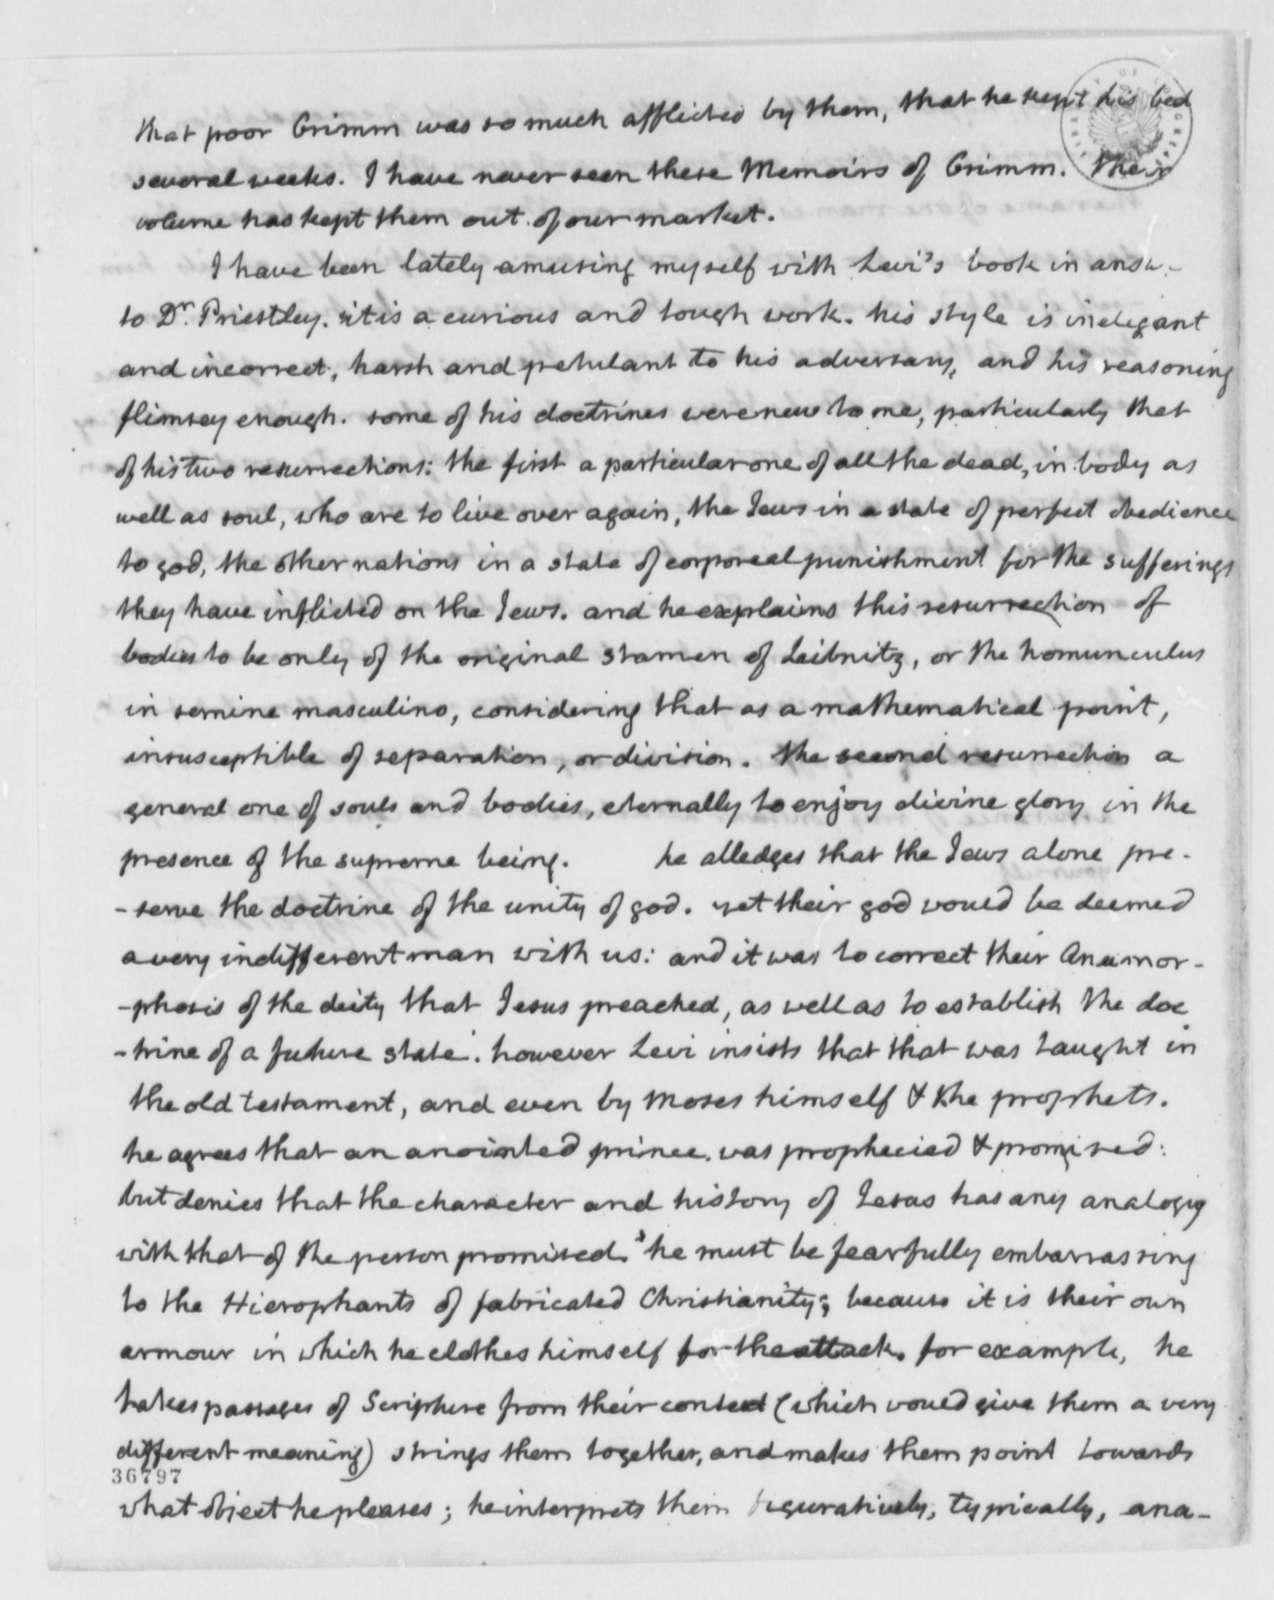 Thomas Jefferson to John Adams, April 8, 1816